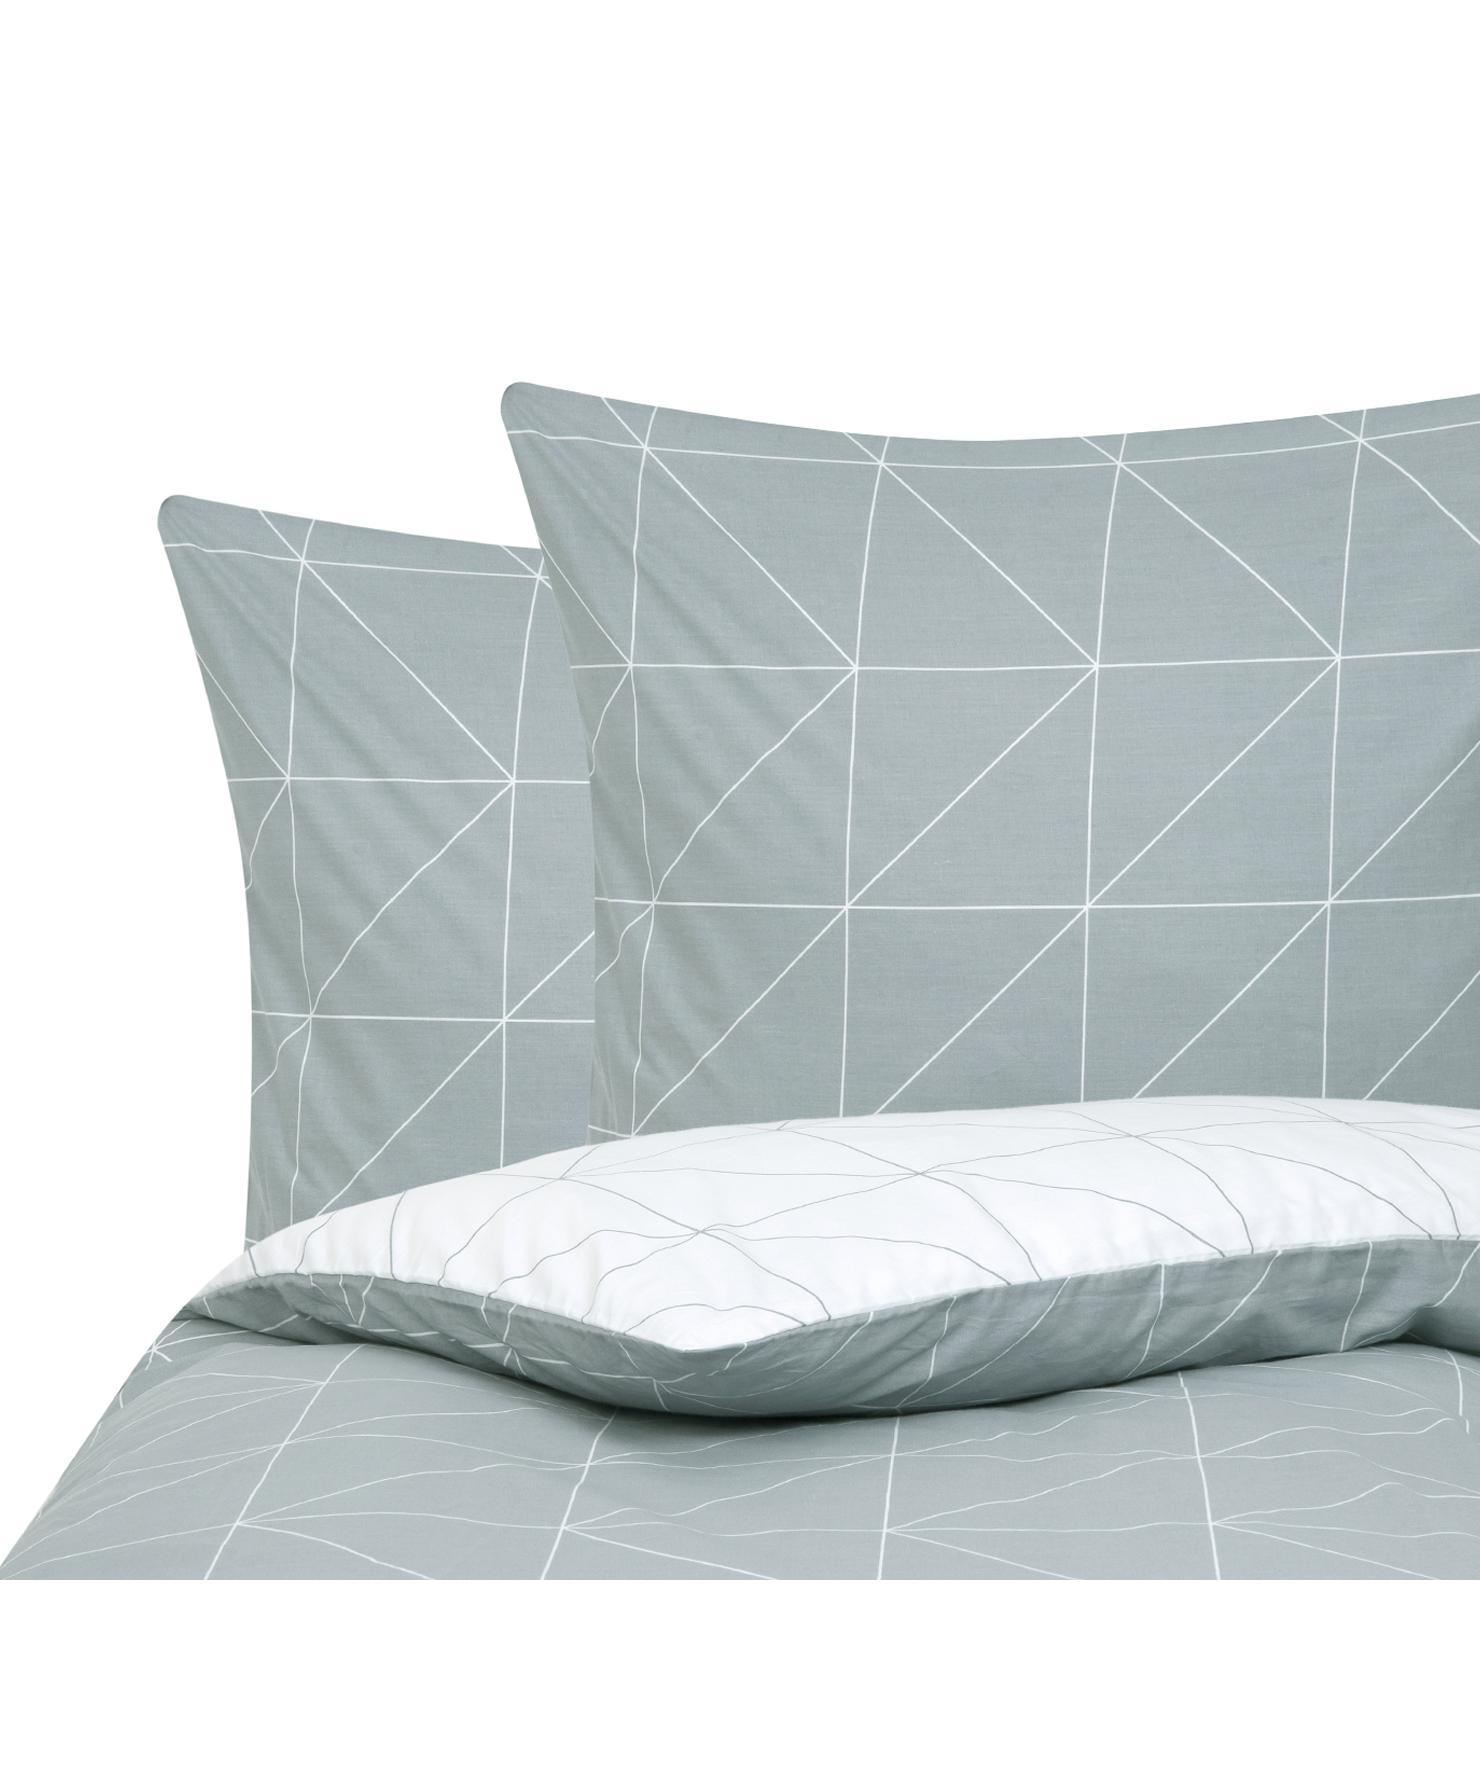 Baumwoll-Wendebettwäsche Marla mit grafischem Muster, Webart: Renforcé Fadendichte 144 , Grau, Weiss, 240 x 220 cm + 2 Kissen 80 x 80 cm